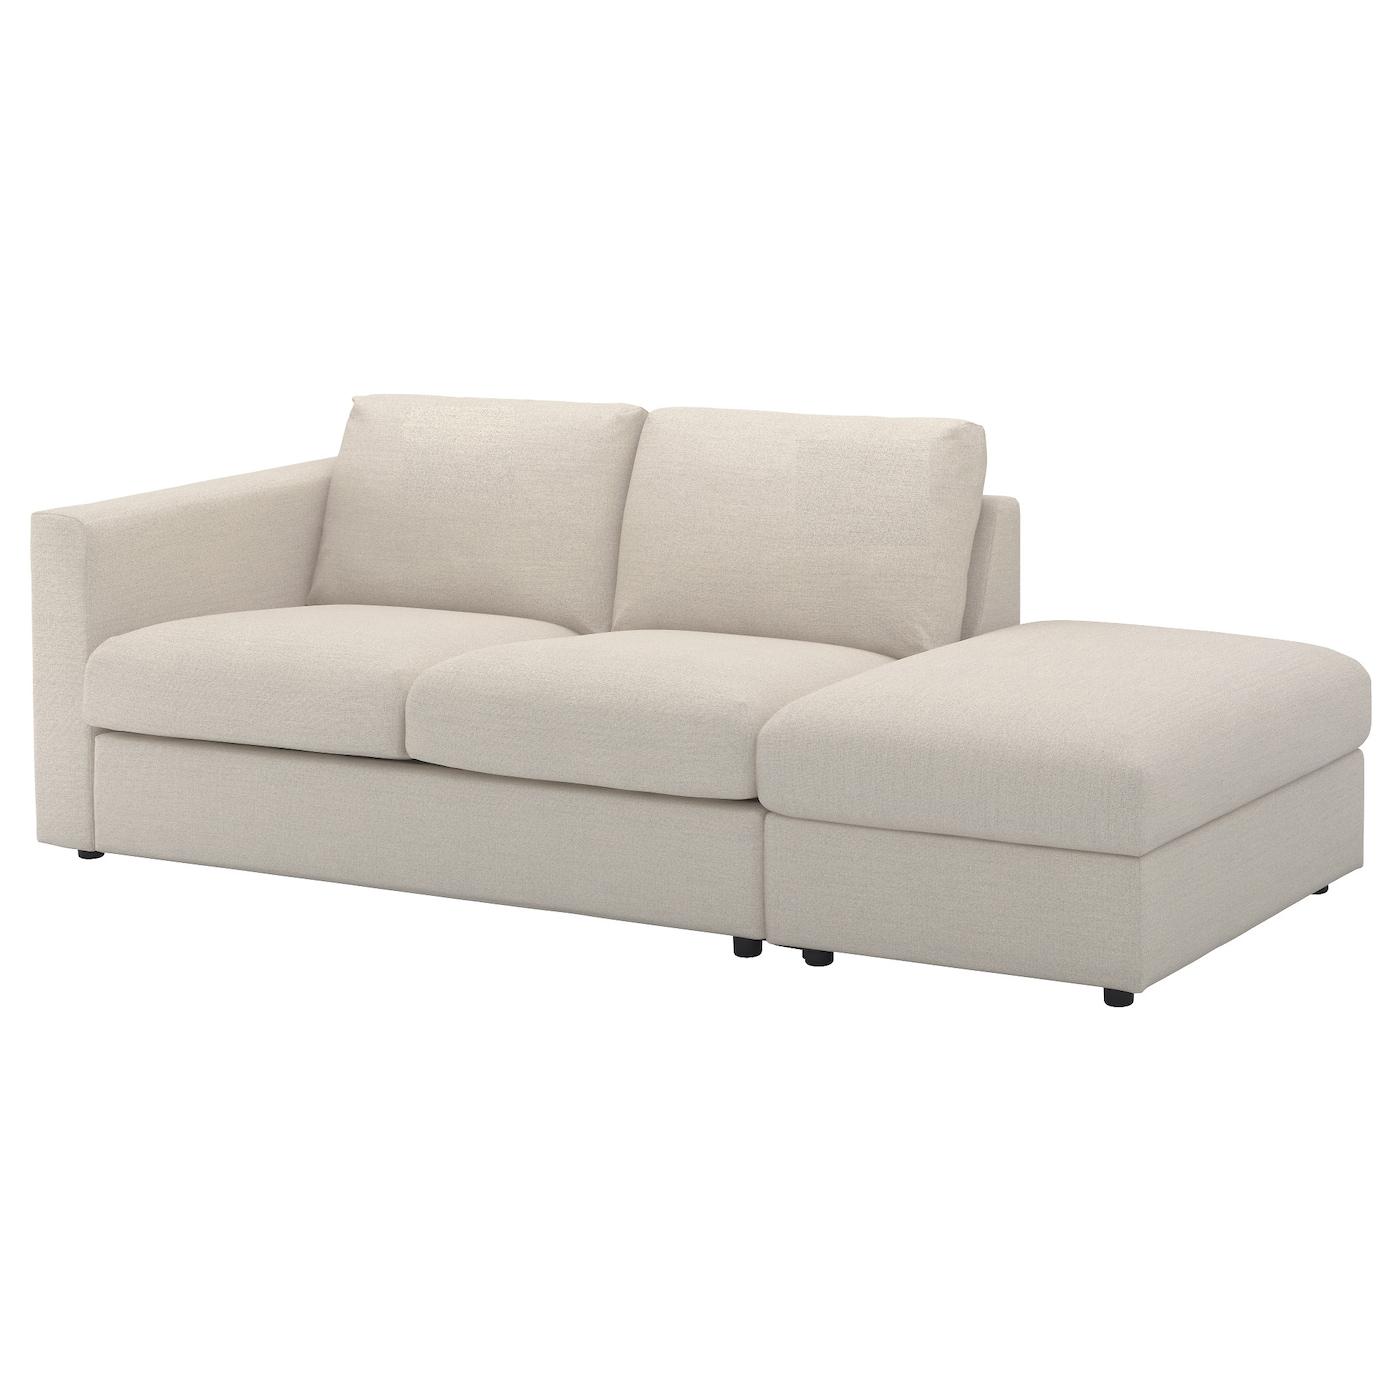 IKEA VIMLE Sofa 3-osobowa, z otwartym końcem, Gunnared beżowy